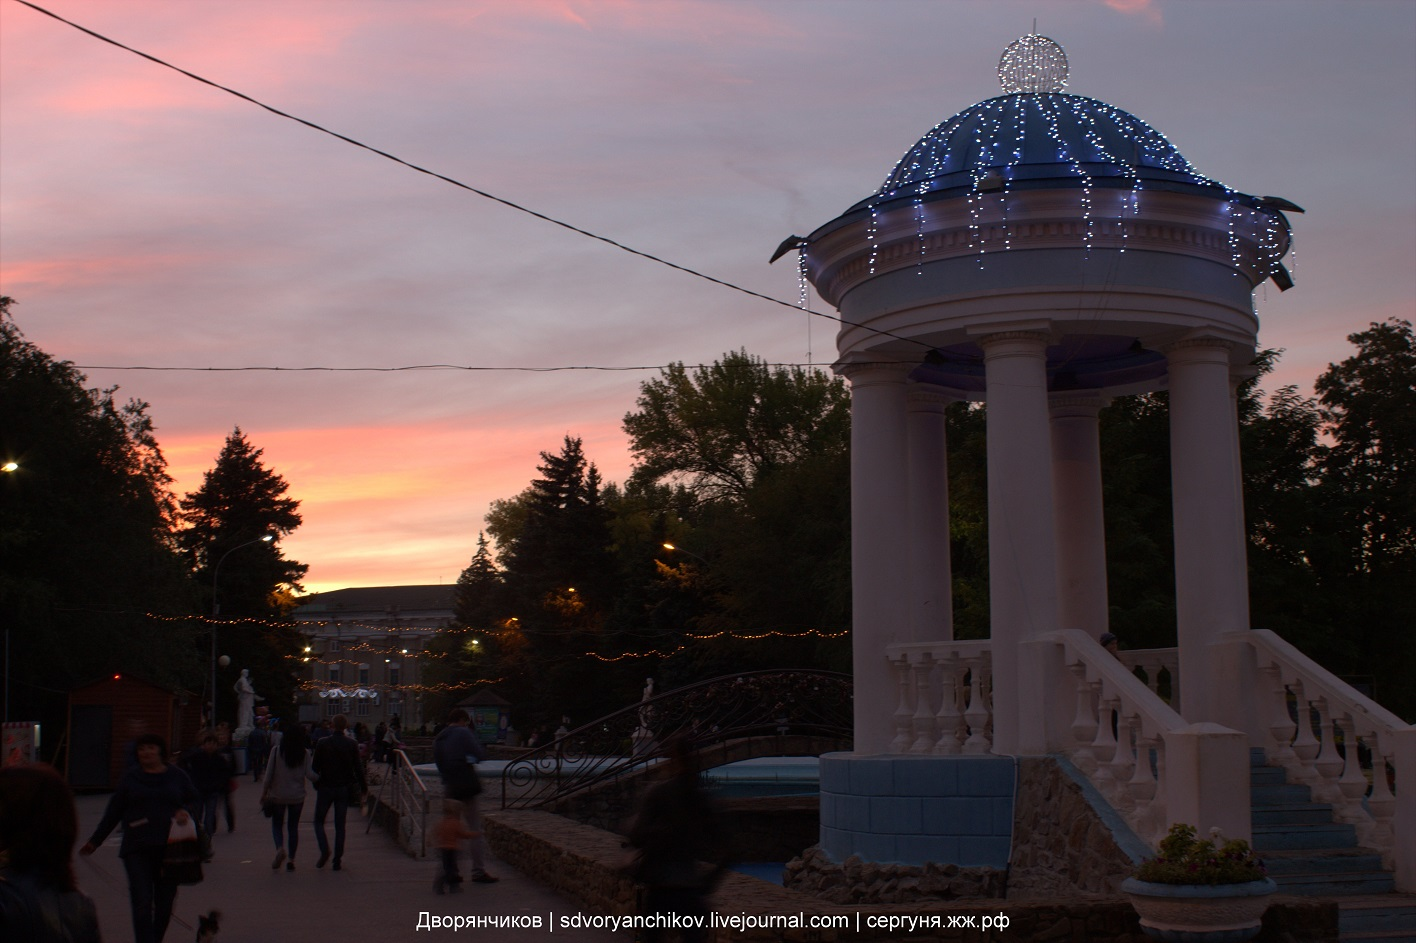 Парк ВГС - Тёплый вечер 2 октября 2016 - Волжский